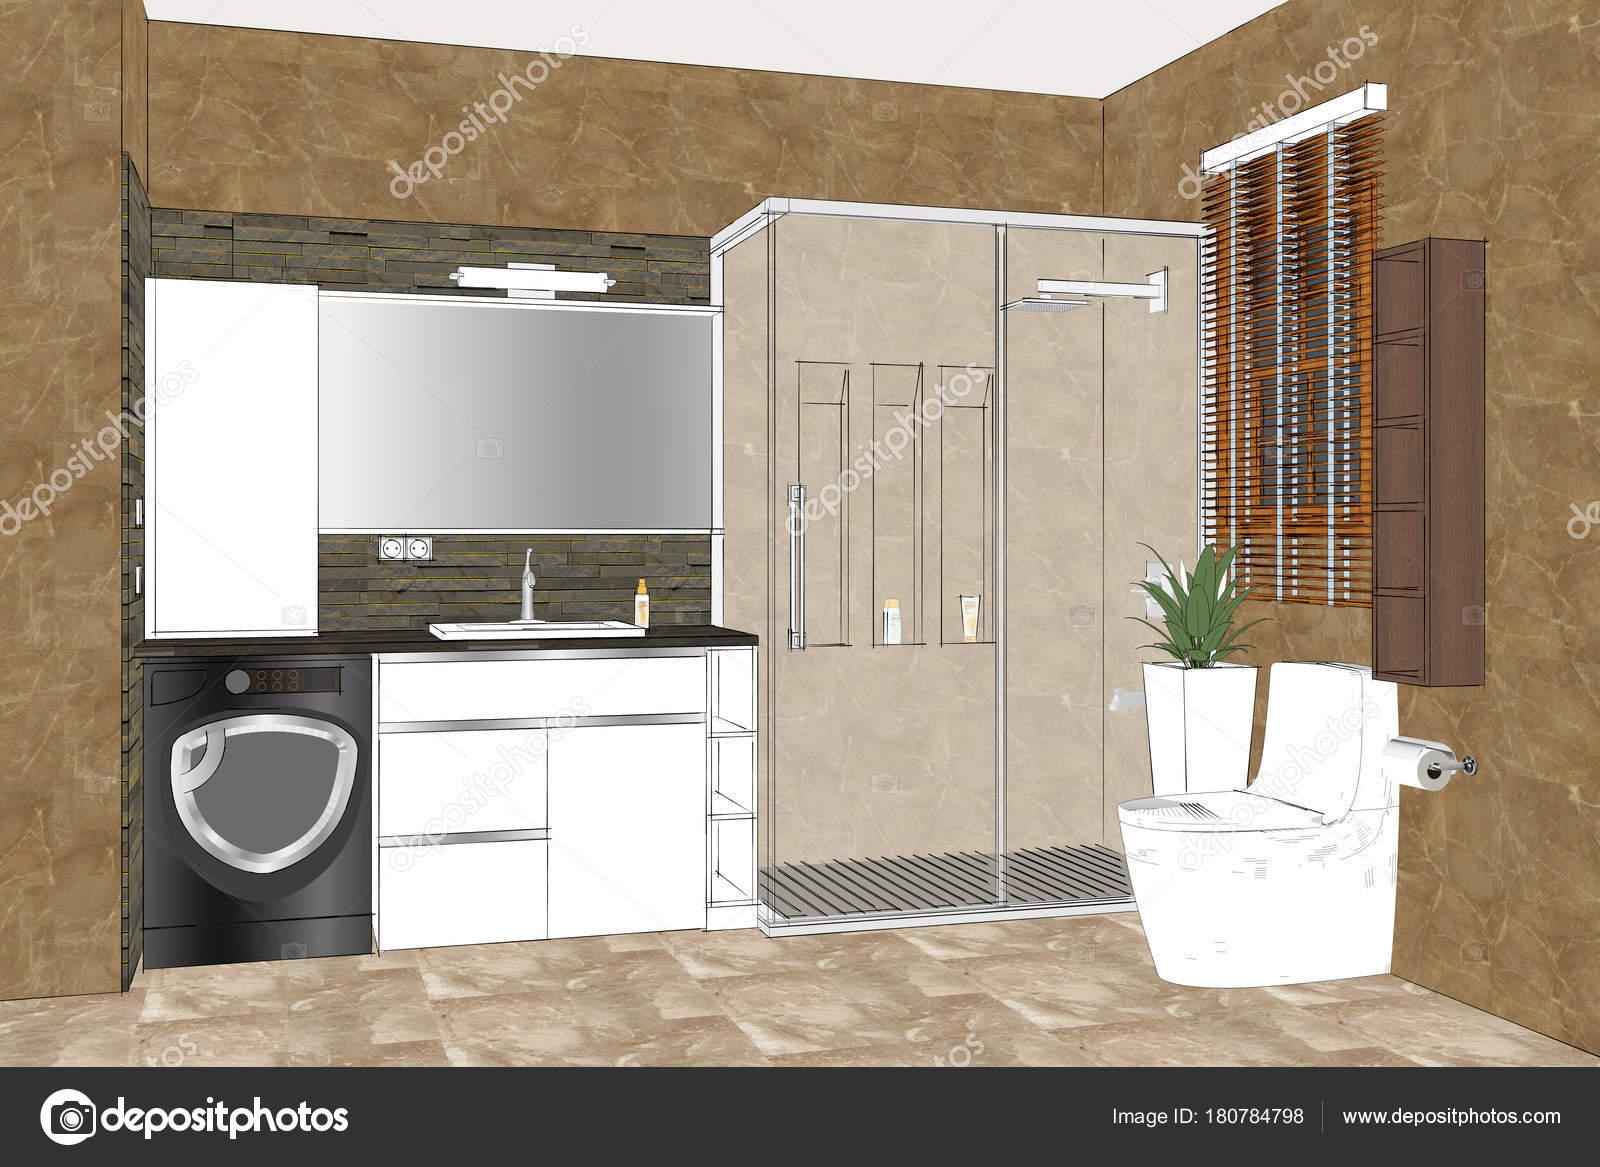 Ilustración Dibujo Lineal Interior Cuarto Baño Diseño Interiores ...